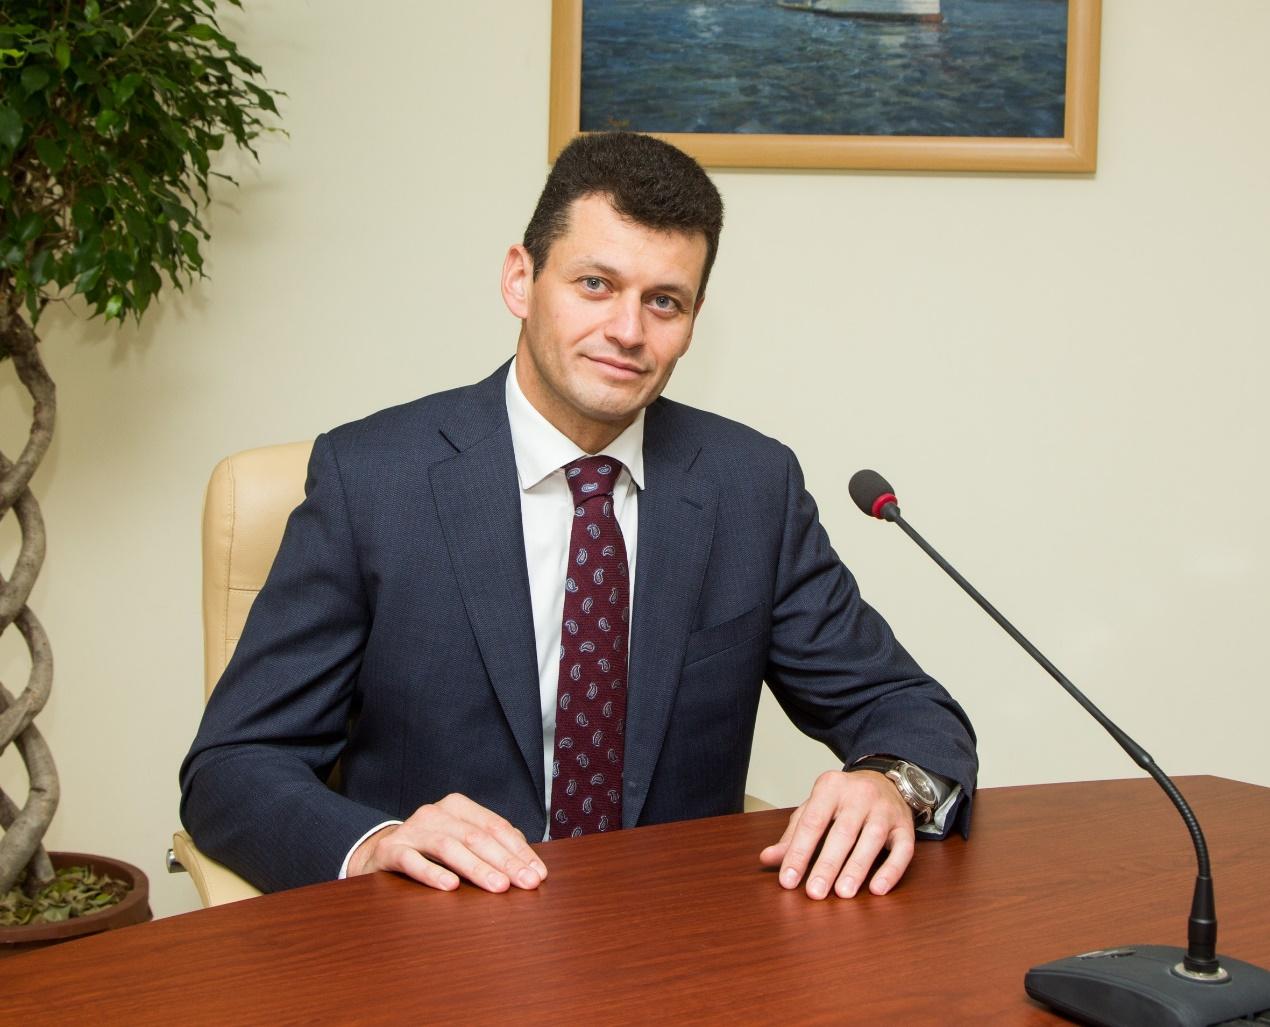 Кредитование под договоры доверительной собственности разрушает стену недоверия между банками и заемщиками, – Юрий Кралов